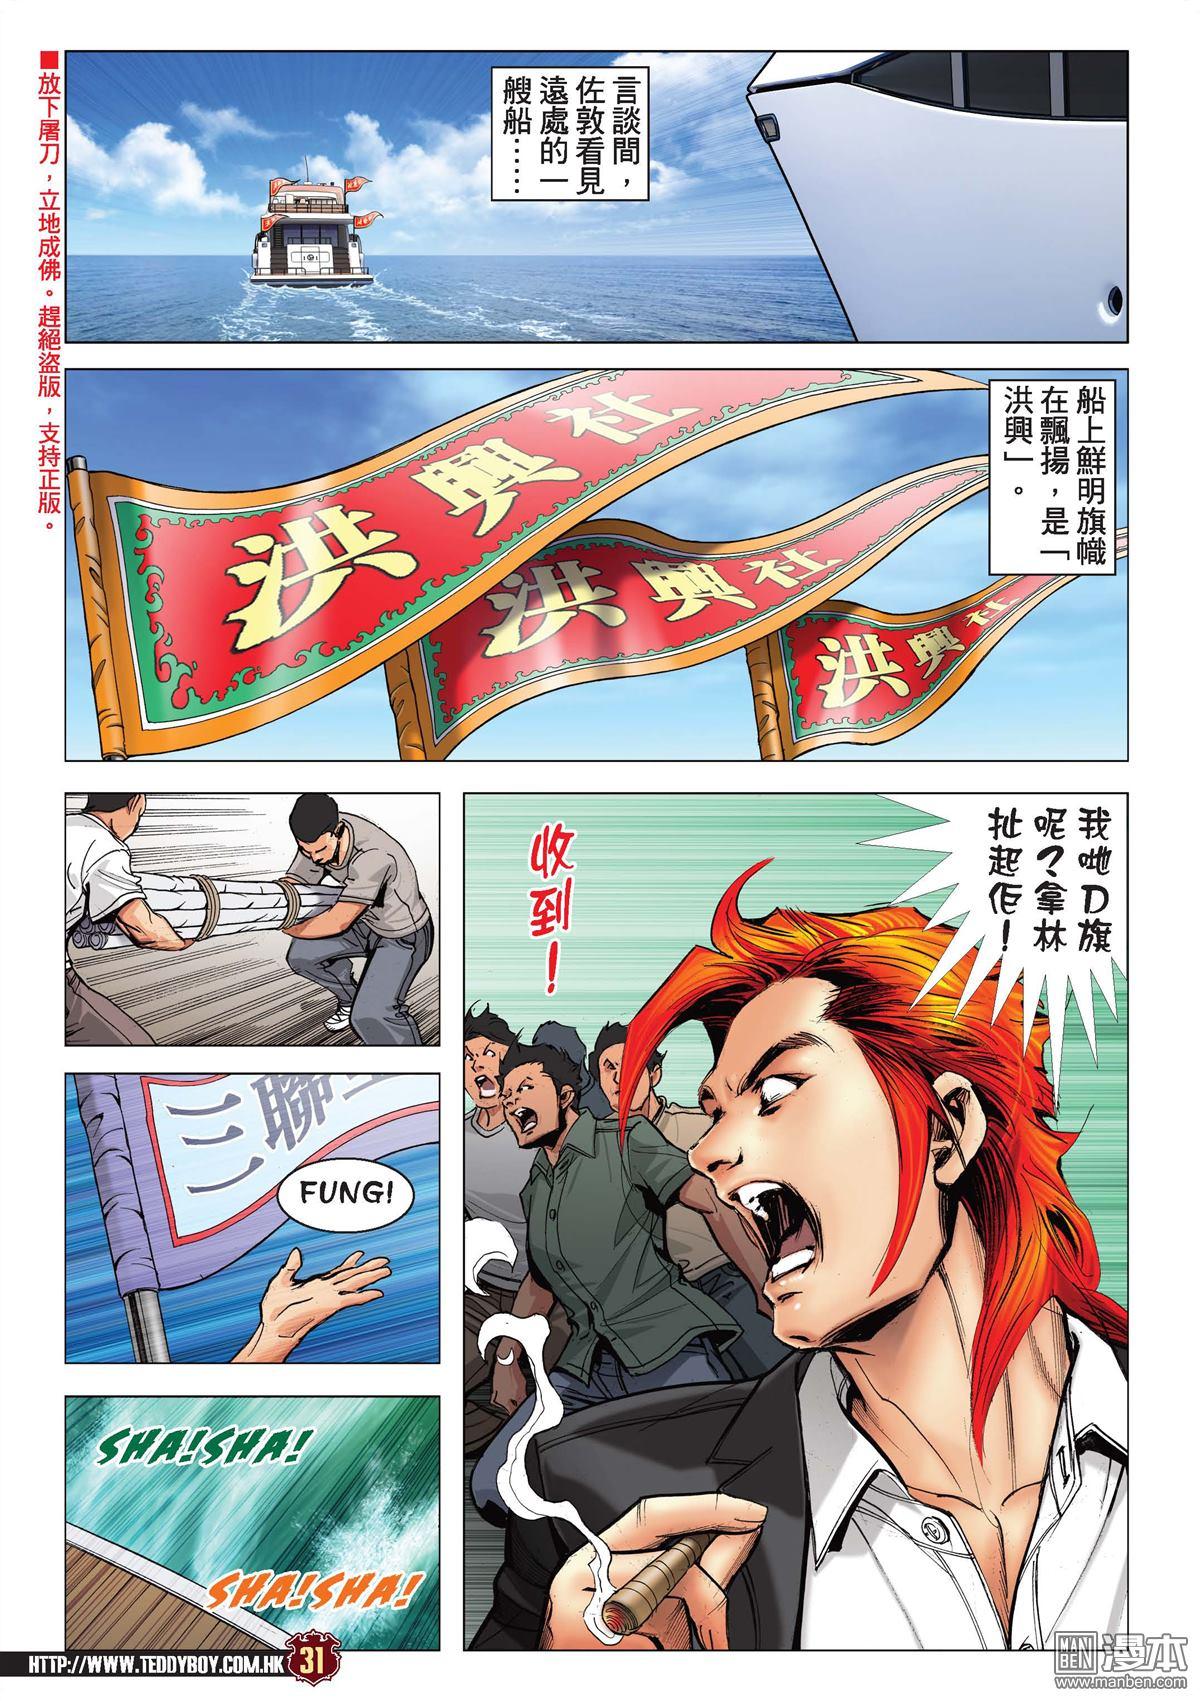 Người Trong Giang Hồ chap 2129 - Trang 29